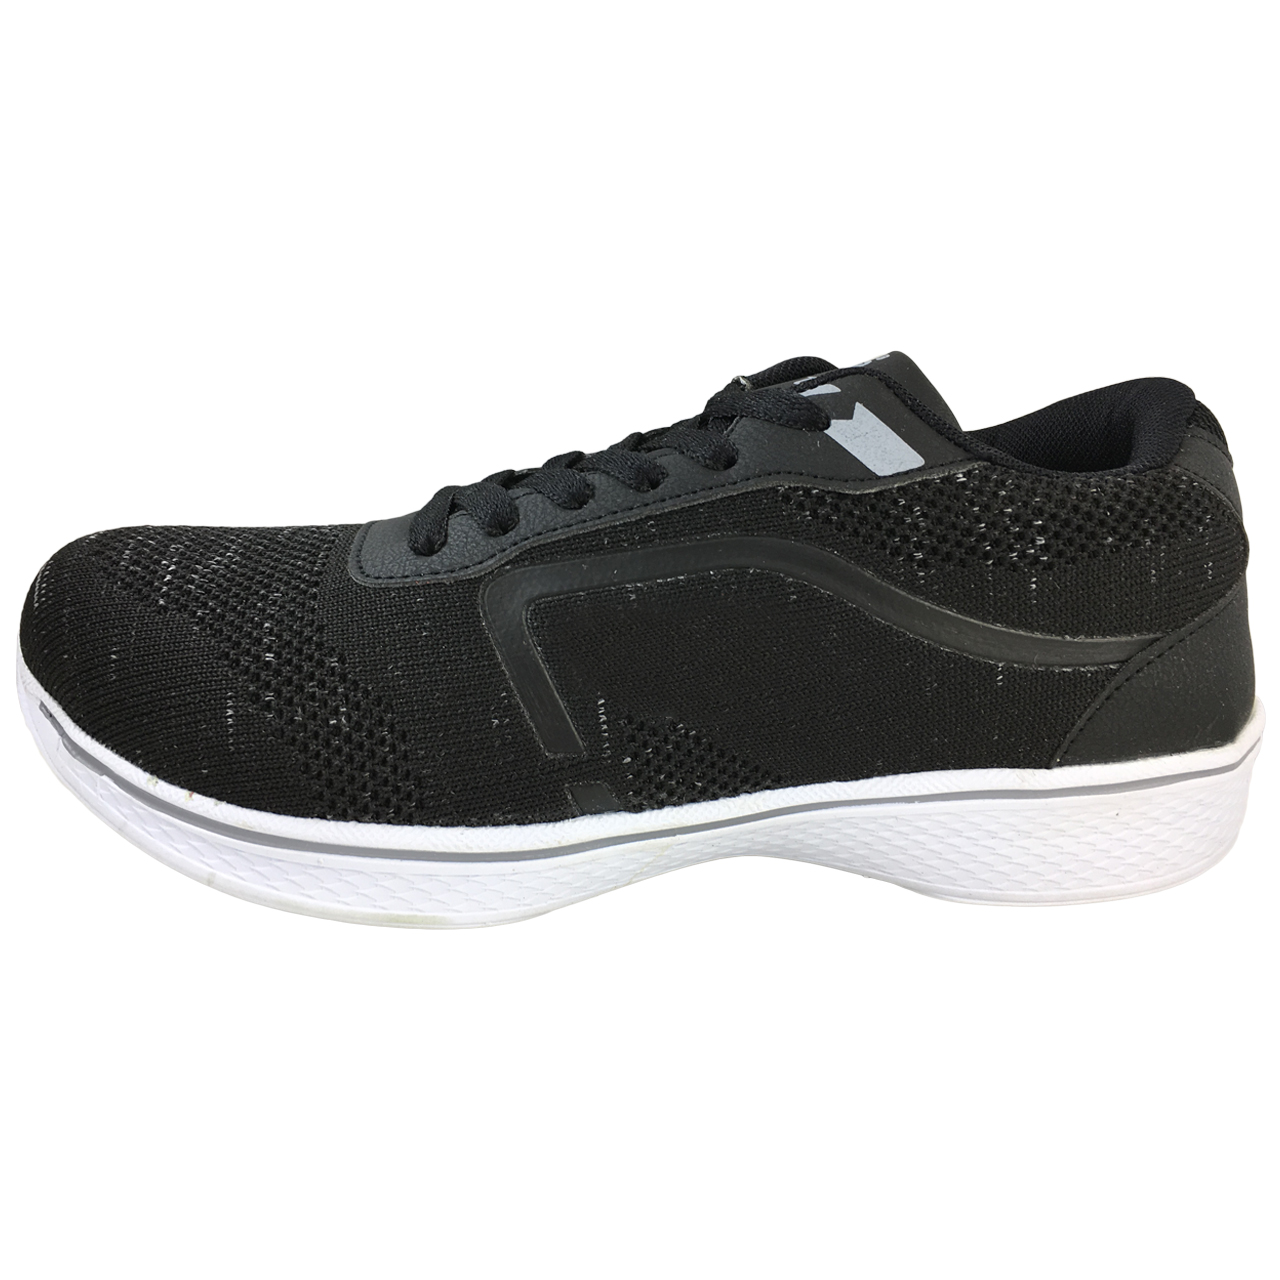 کفش مخصوص پیاده روی زنانه نسیم کد 2270